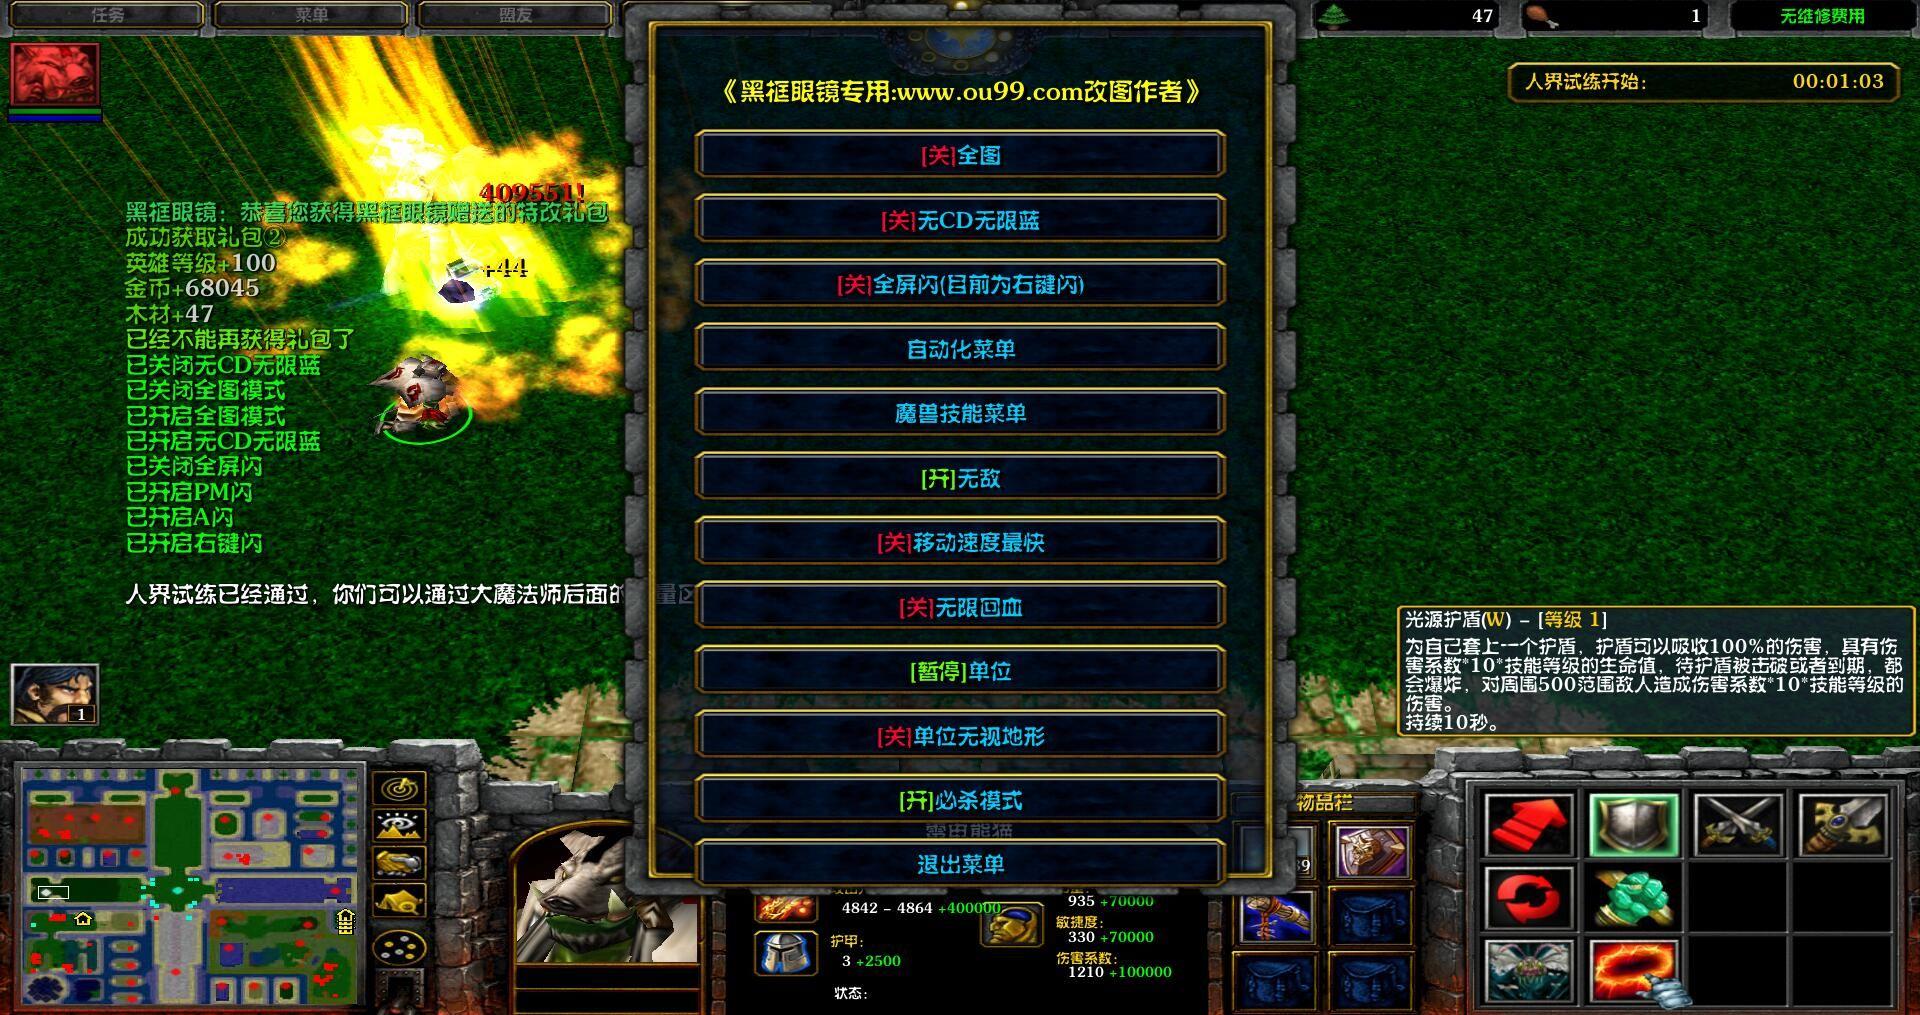 四界试练1.7.4黑式破解(含隐藏英雄密码) 全VIP英雄+全赞助特权+群魔利盾礼包